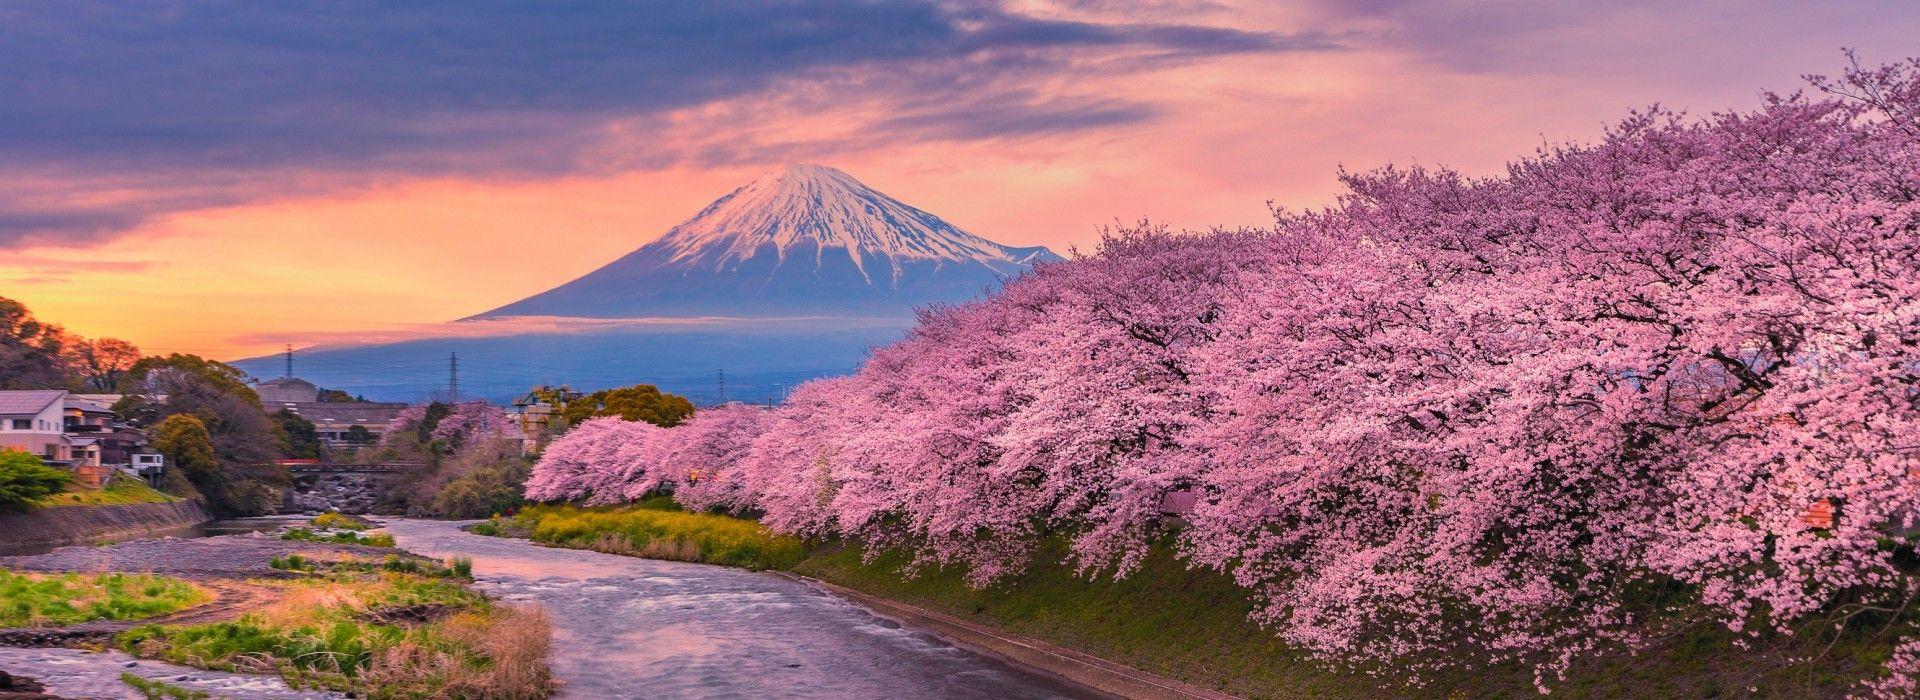 Natural landmarks sightseeing Tours in Japan